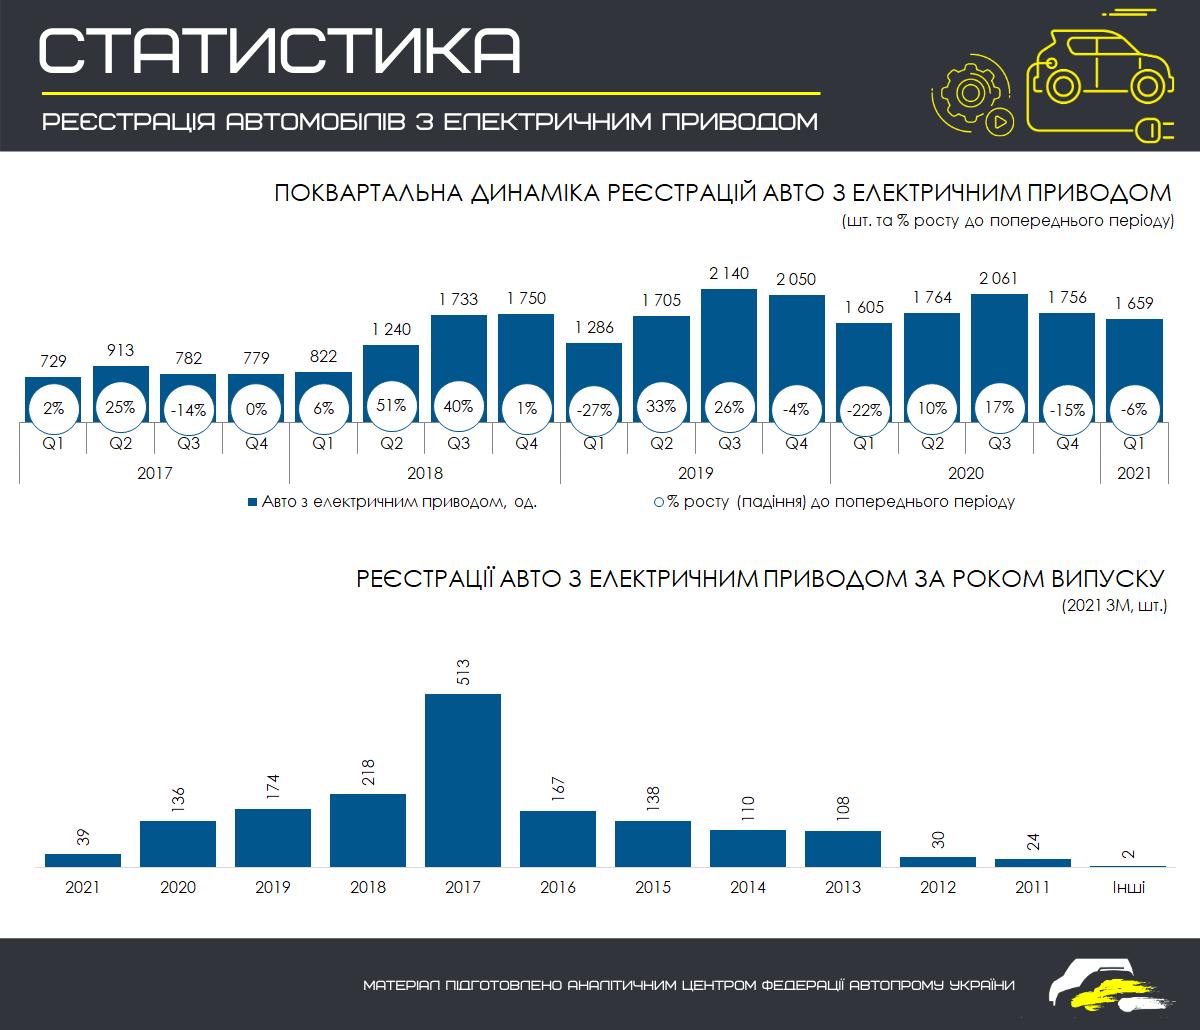 Автомобилисты в Украине осознали преимущества и недостатки электрокаров 1